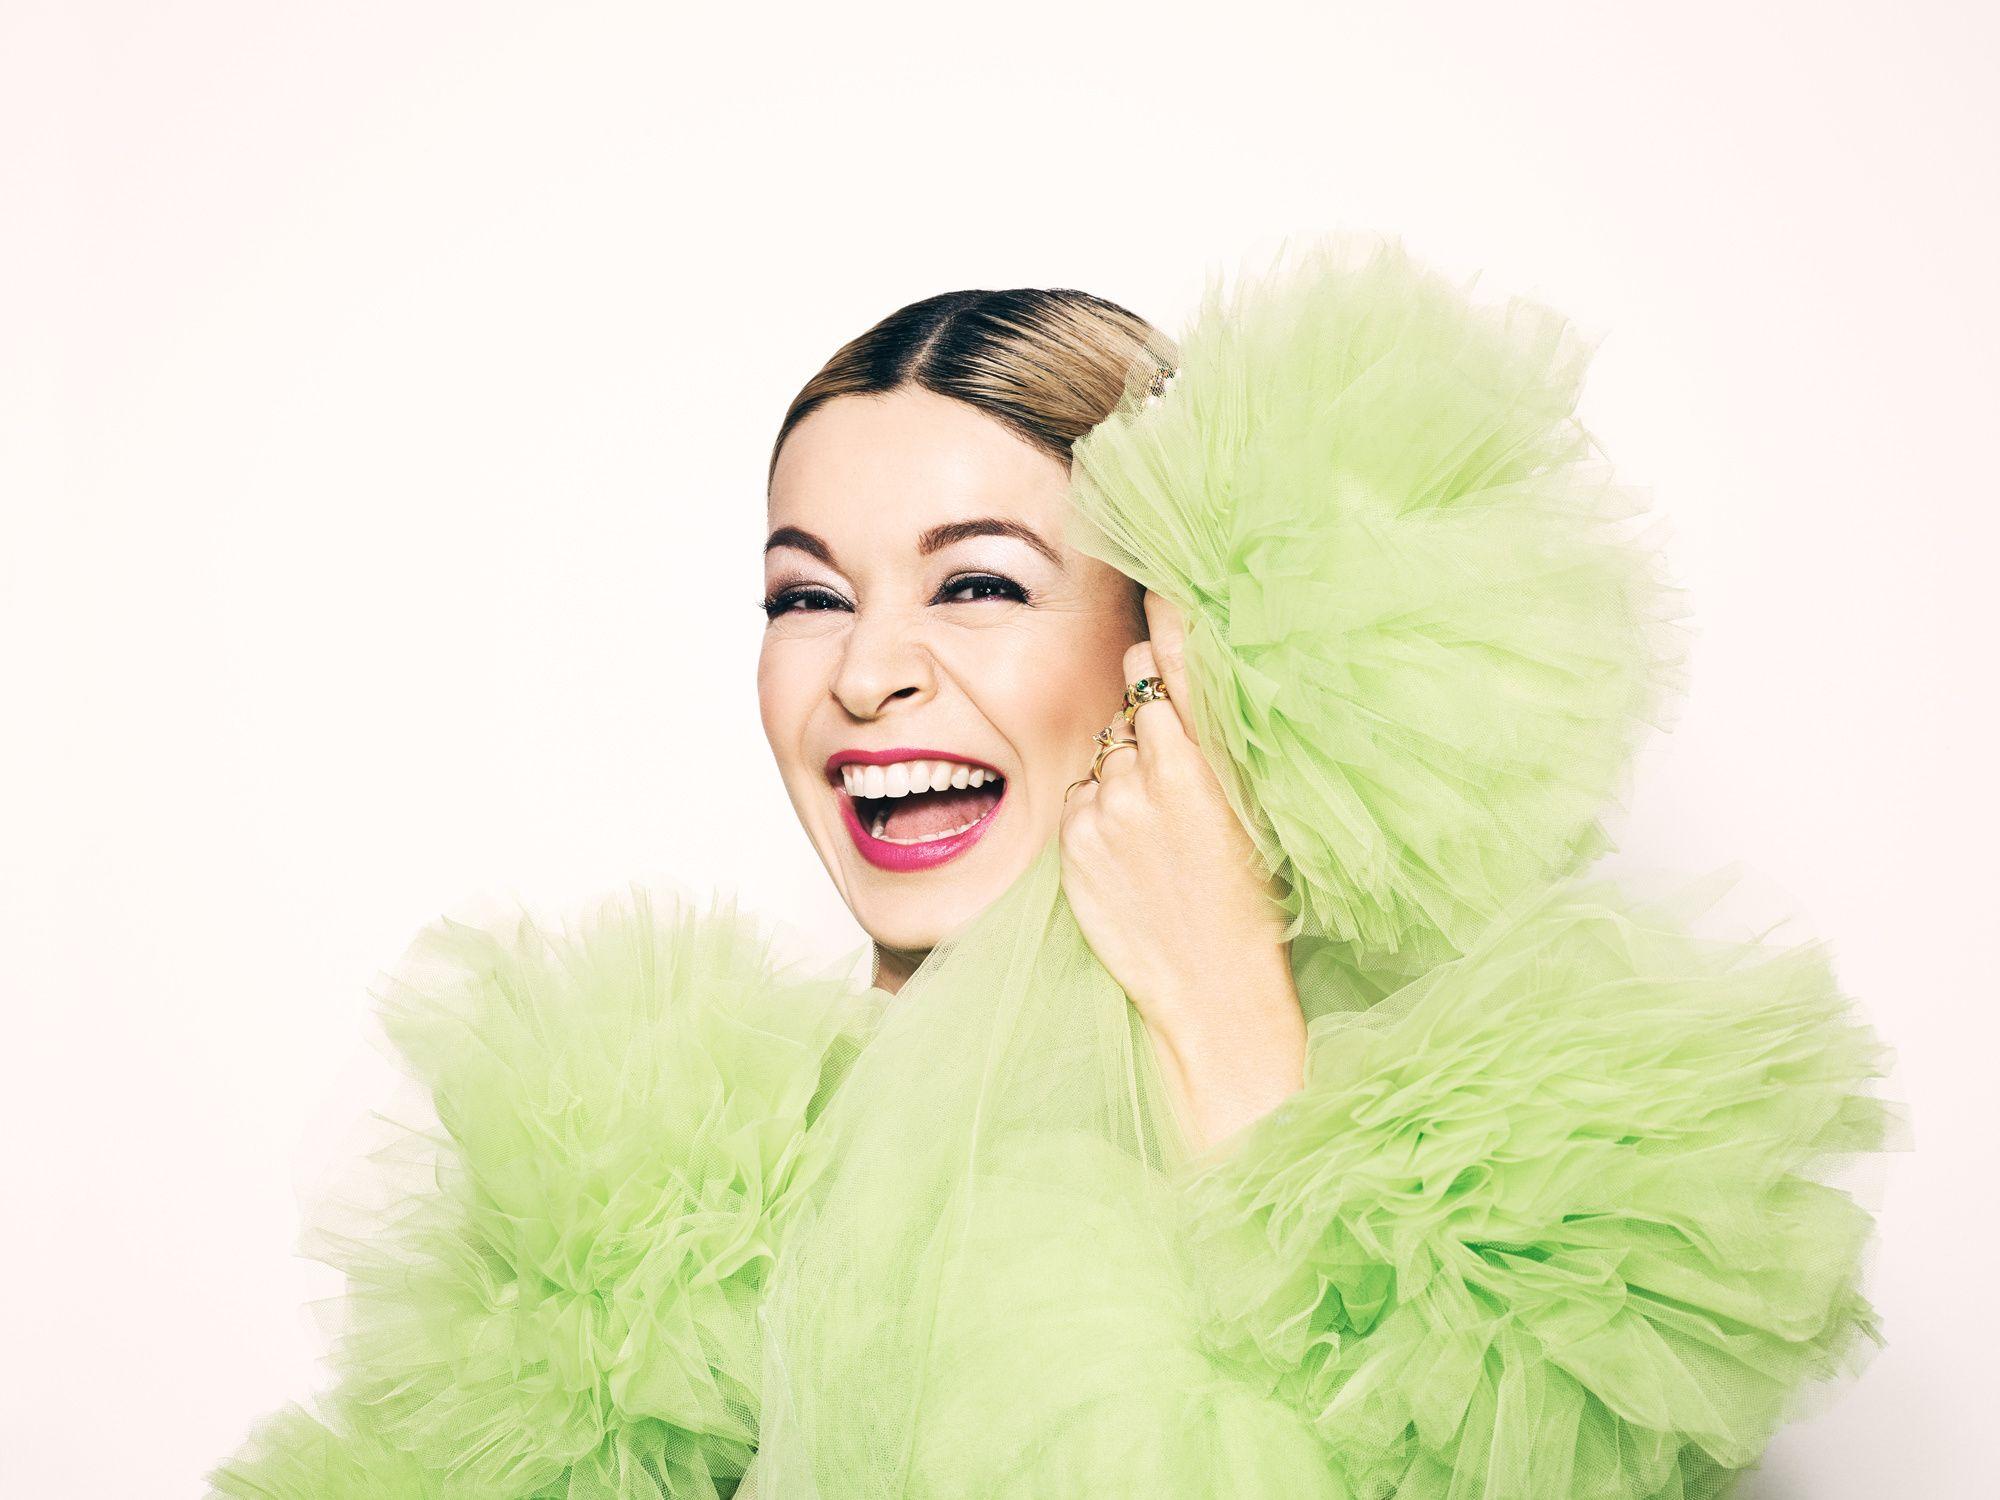 Julia Chan in a poofy mint green frock.